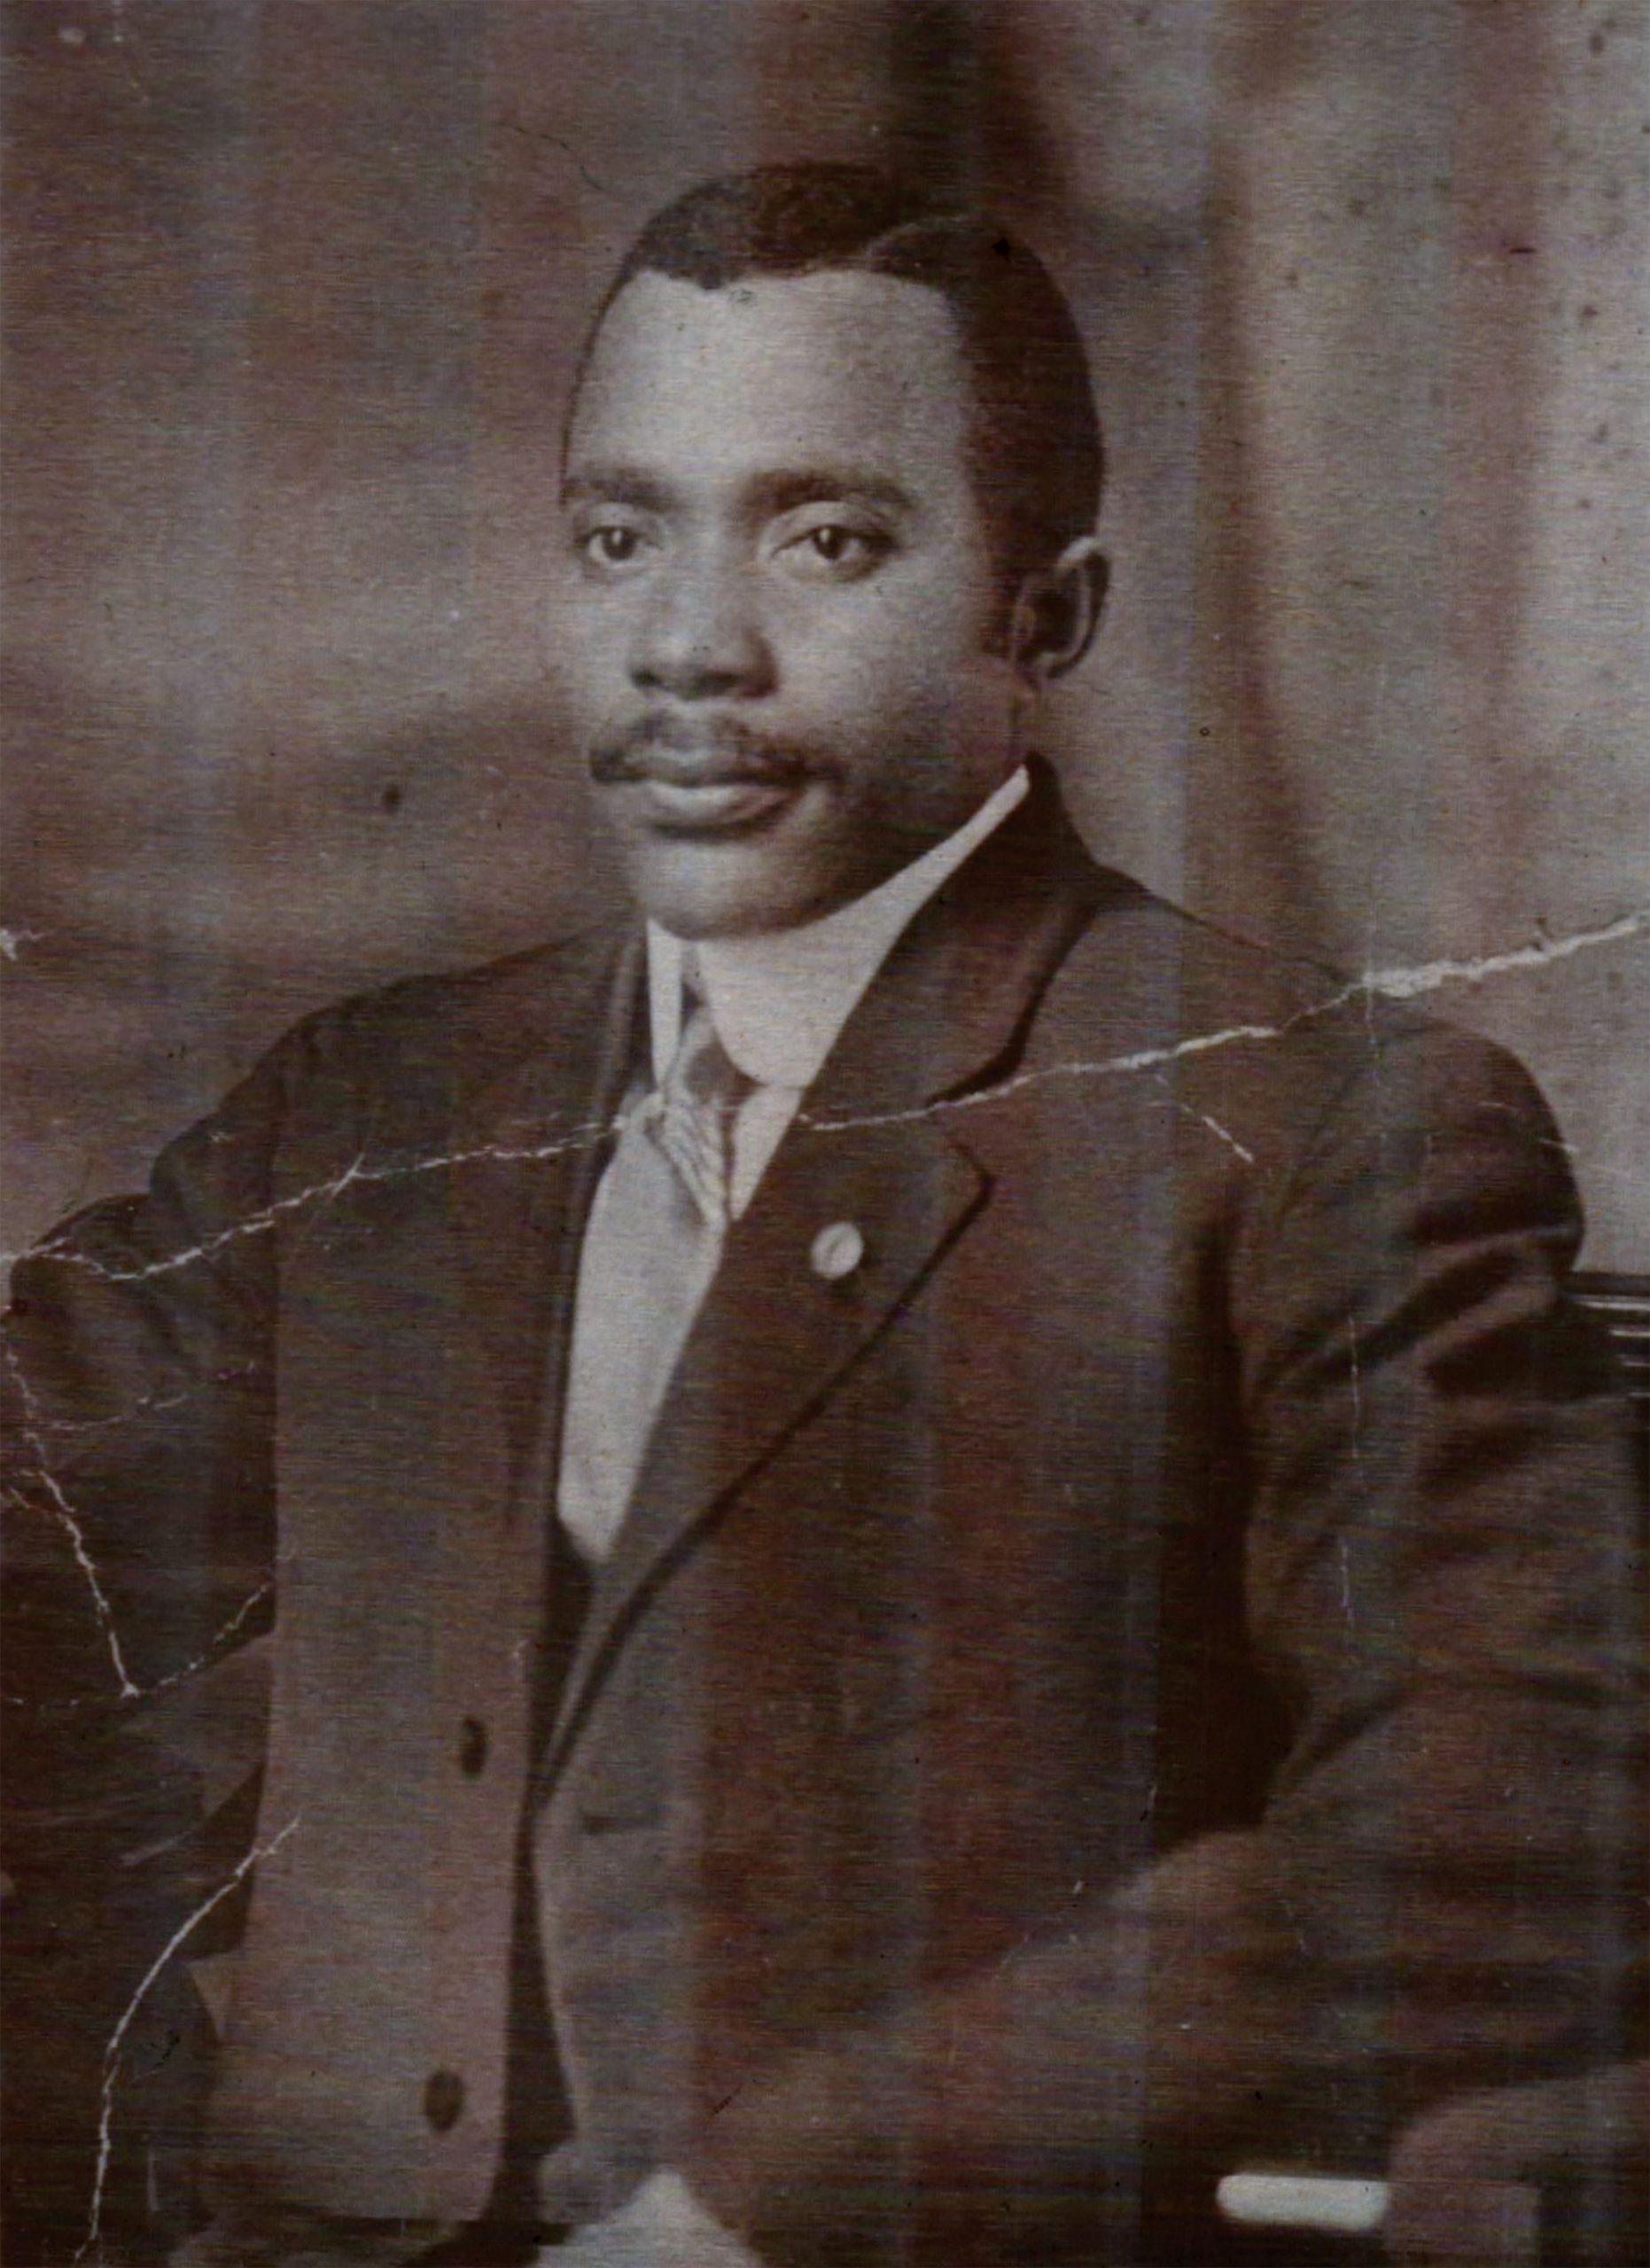 Dr. Winston Hackett, Arizona's first black physician, in 1916; Photo courtesy Winstona Hackett Aldridge